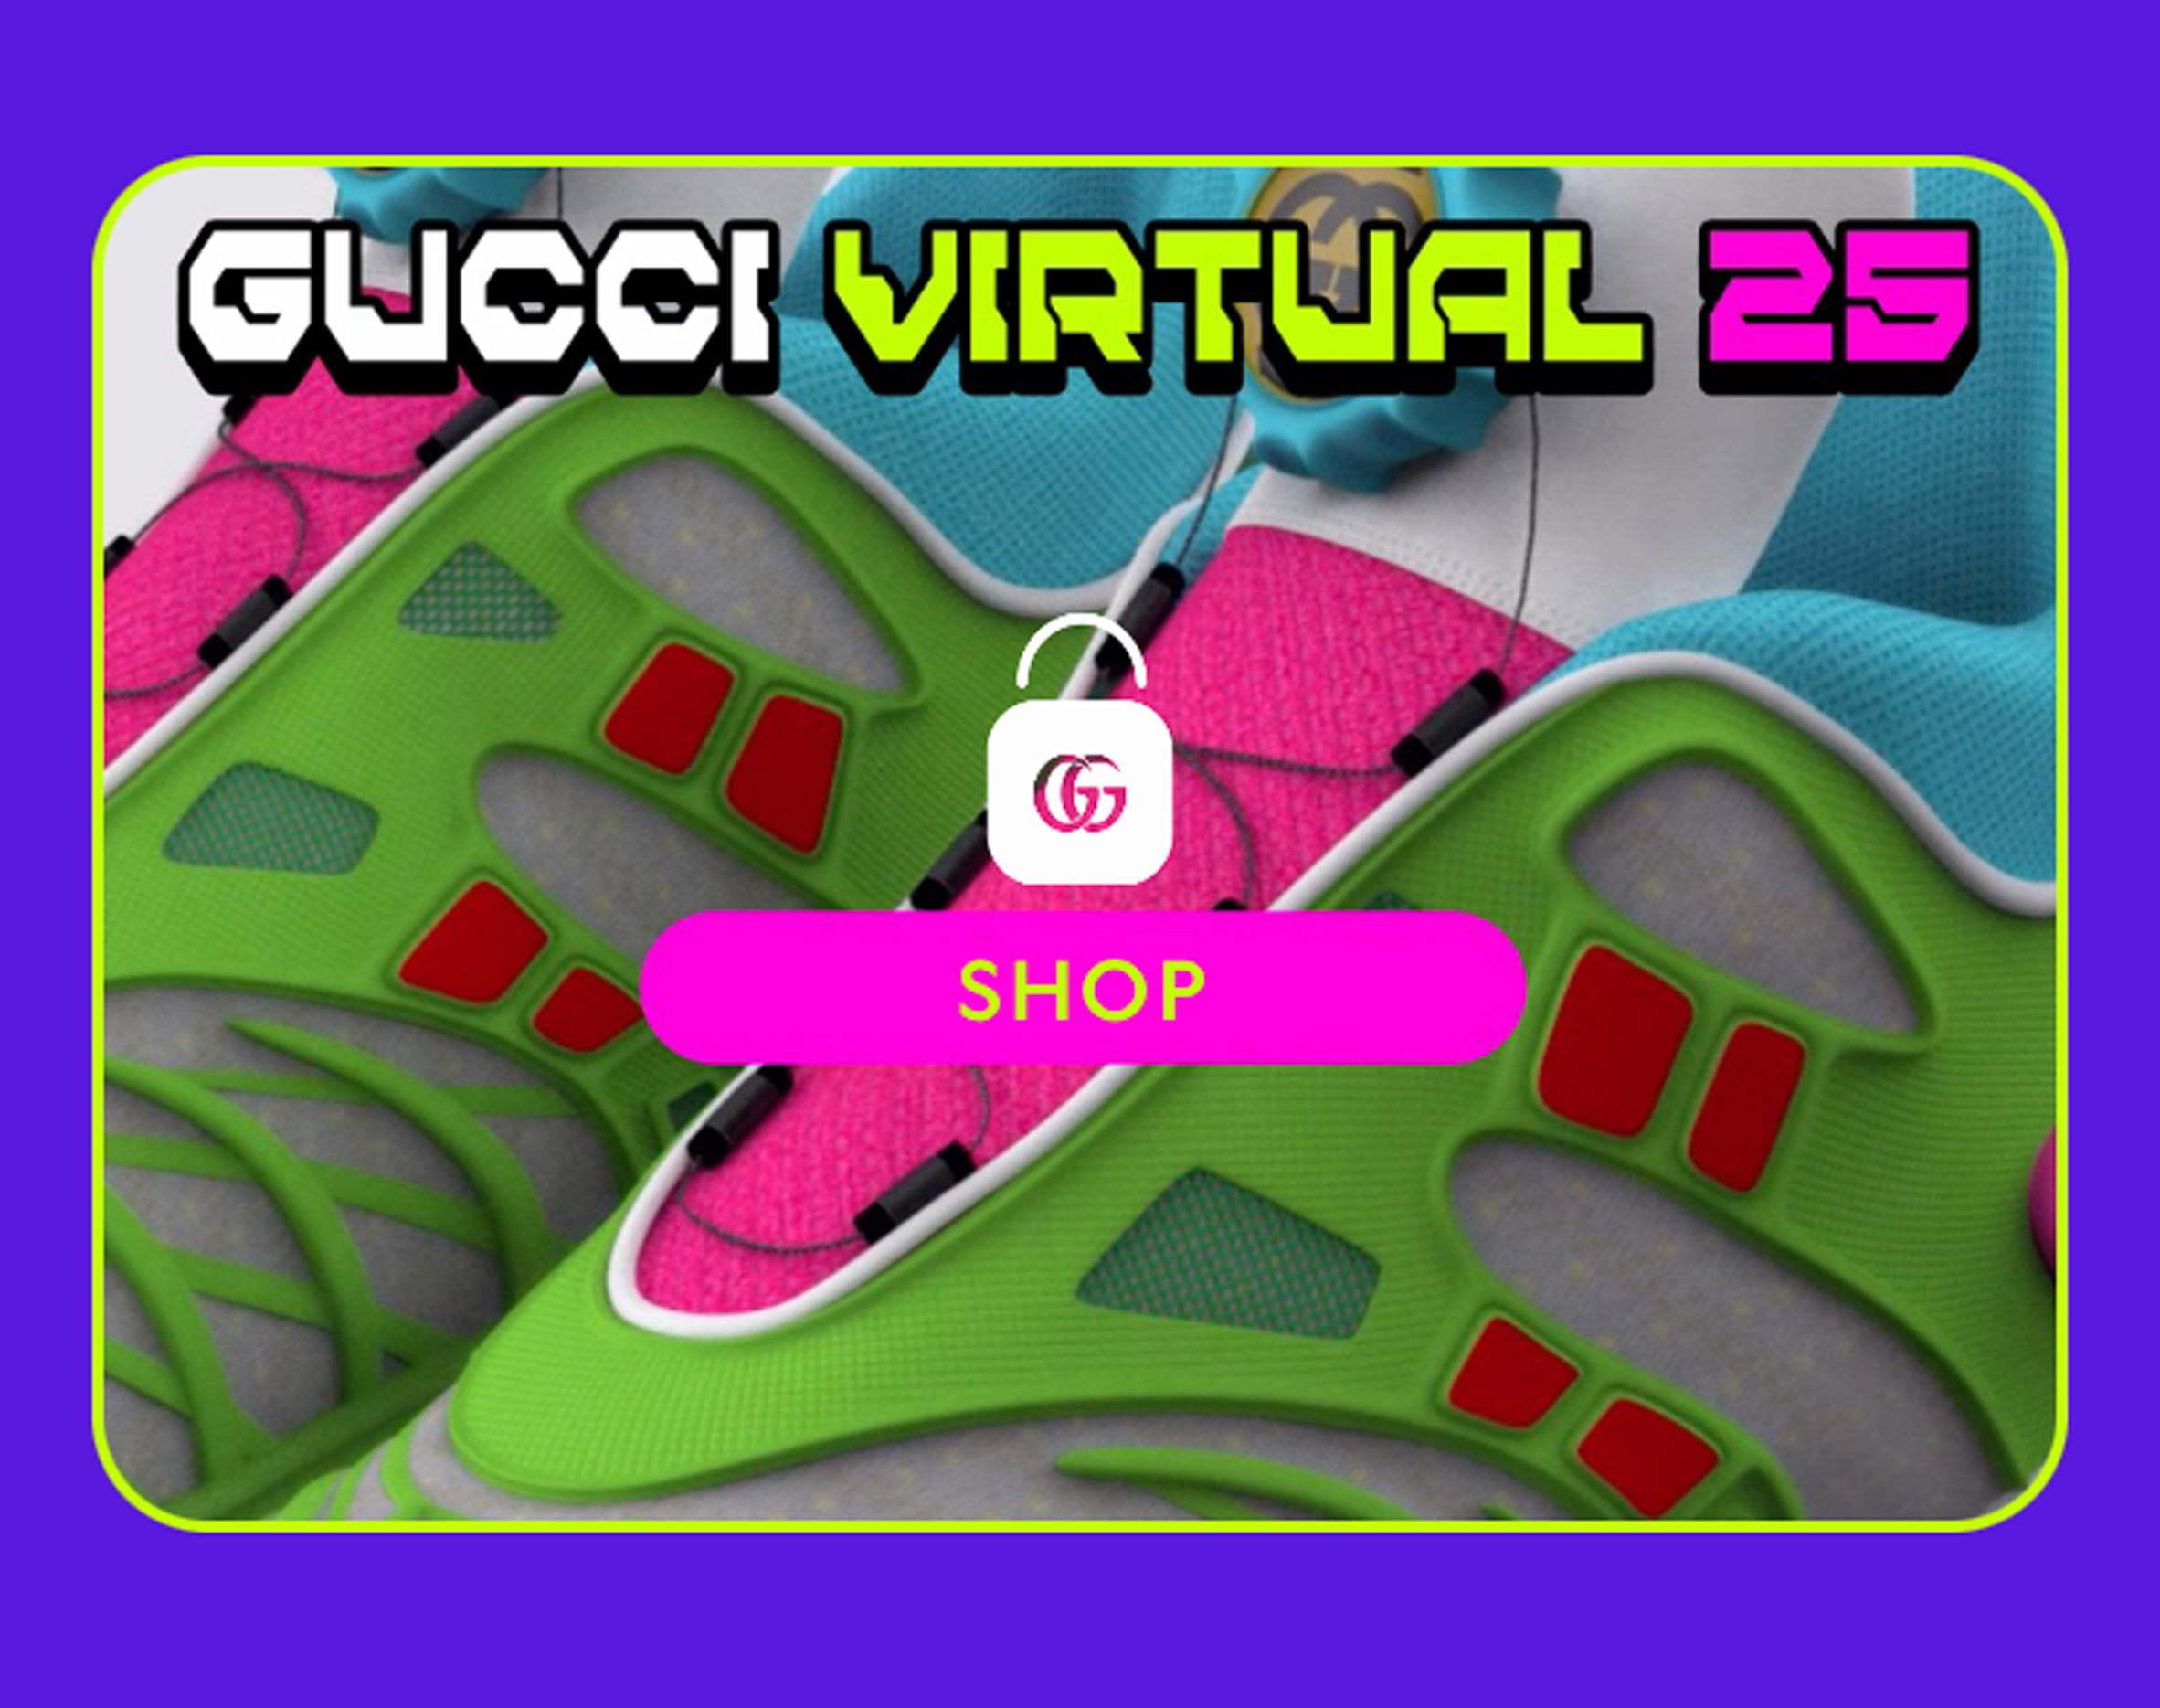 Gucci Virtual 25